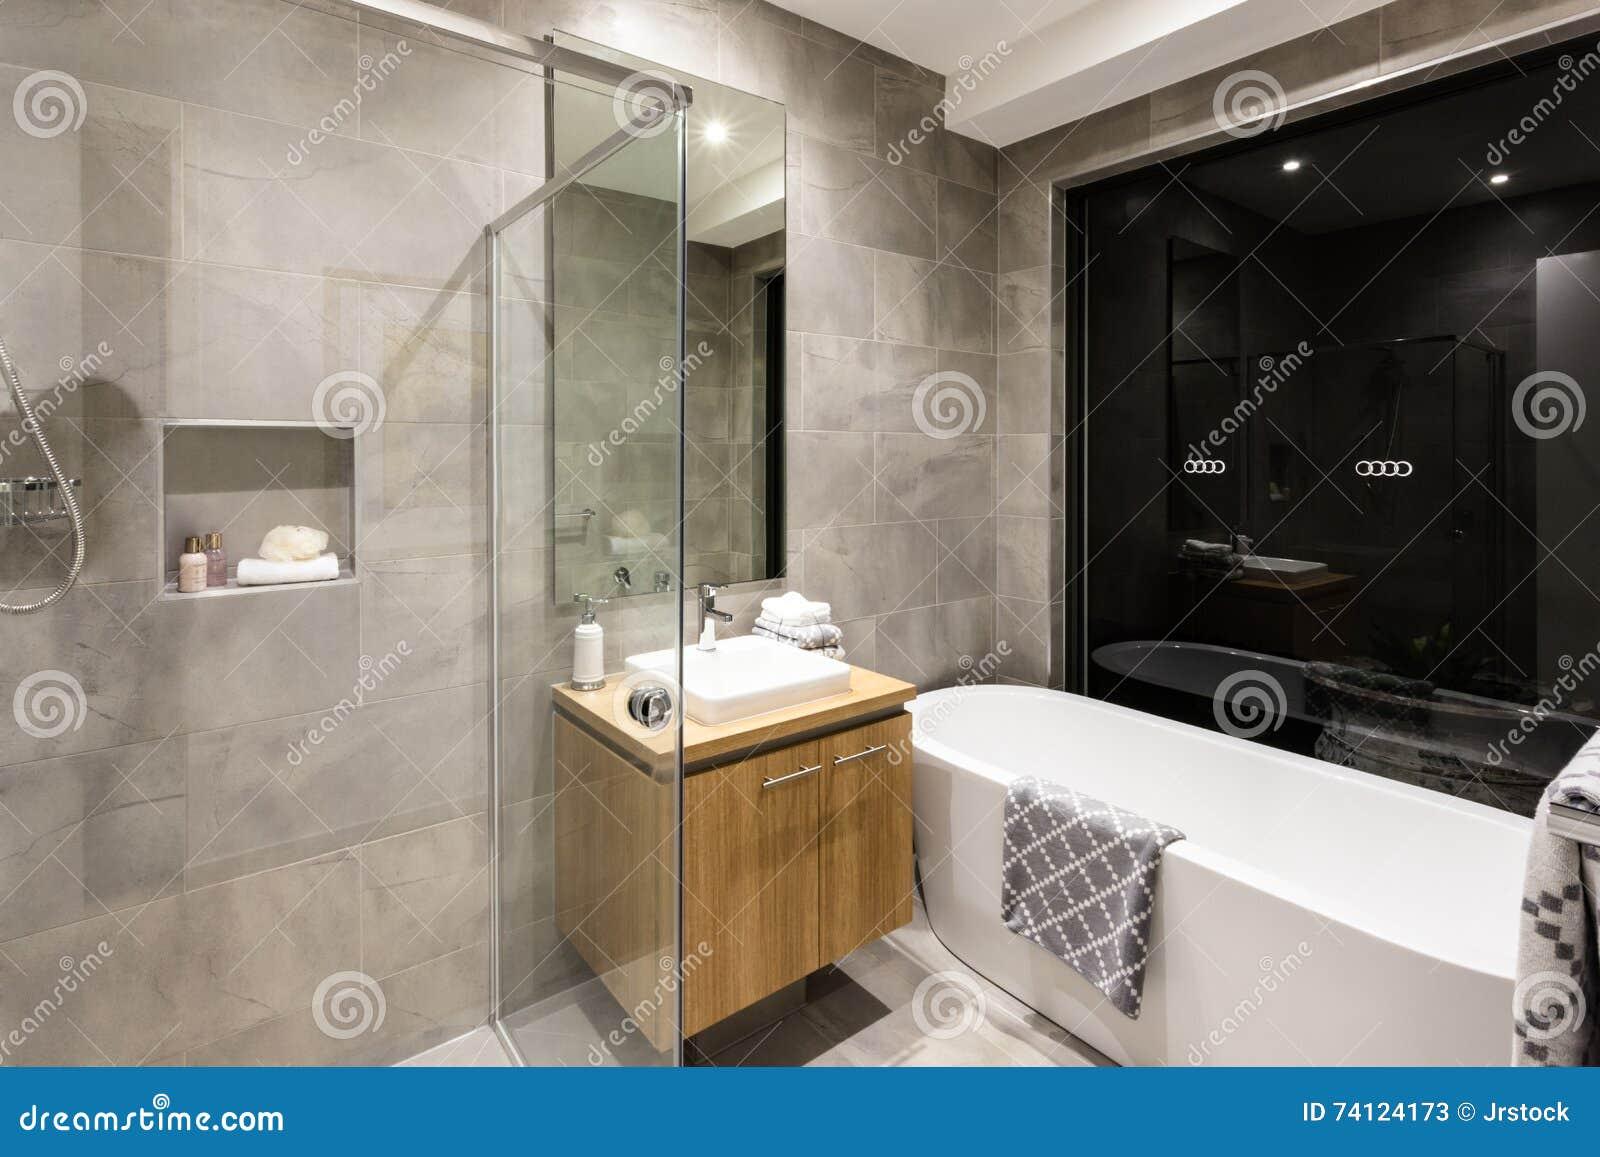 Bagni Moderni Con Doccia : Bagno moderno con una doccia e una vasca immagine stock immagine